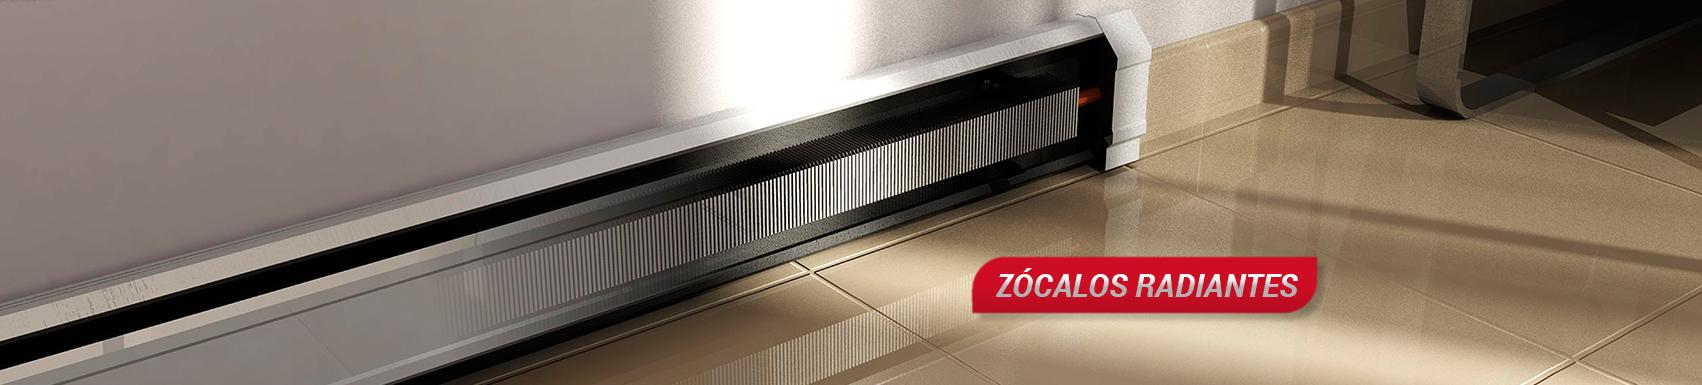 Microzoc calefacci n por agua con z calos radiantes - Mejor sistema de calefaccion electrica ...